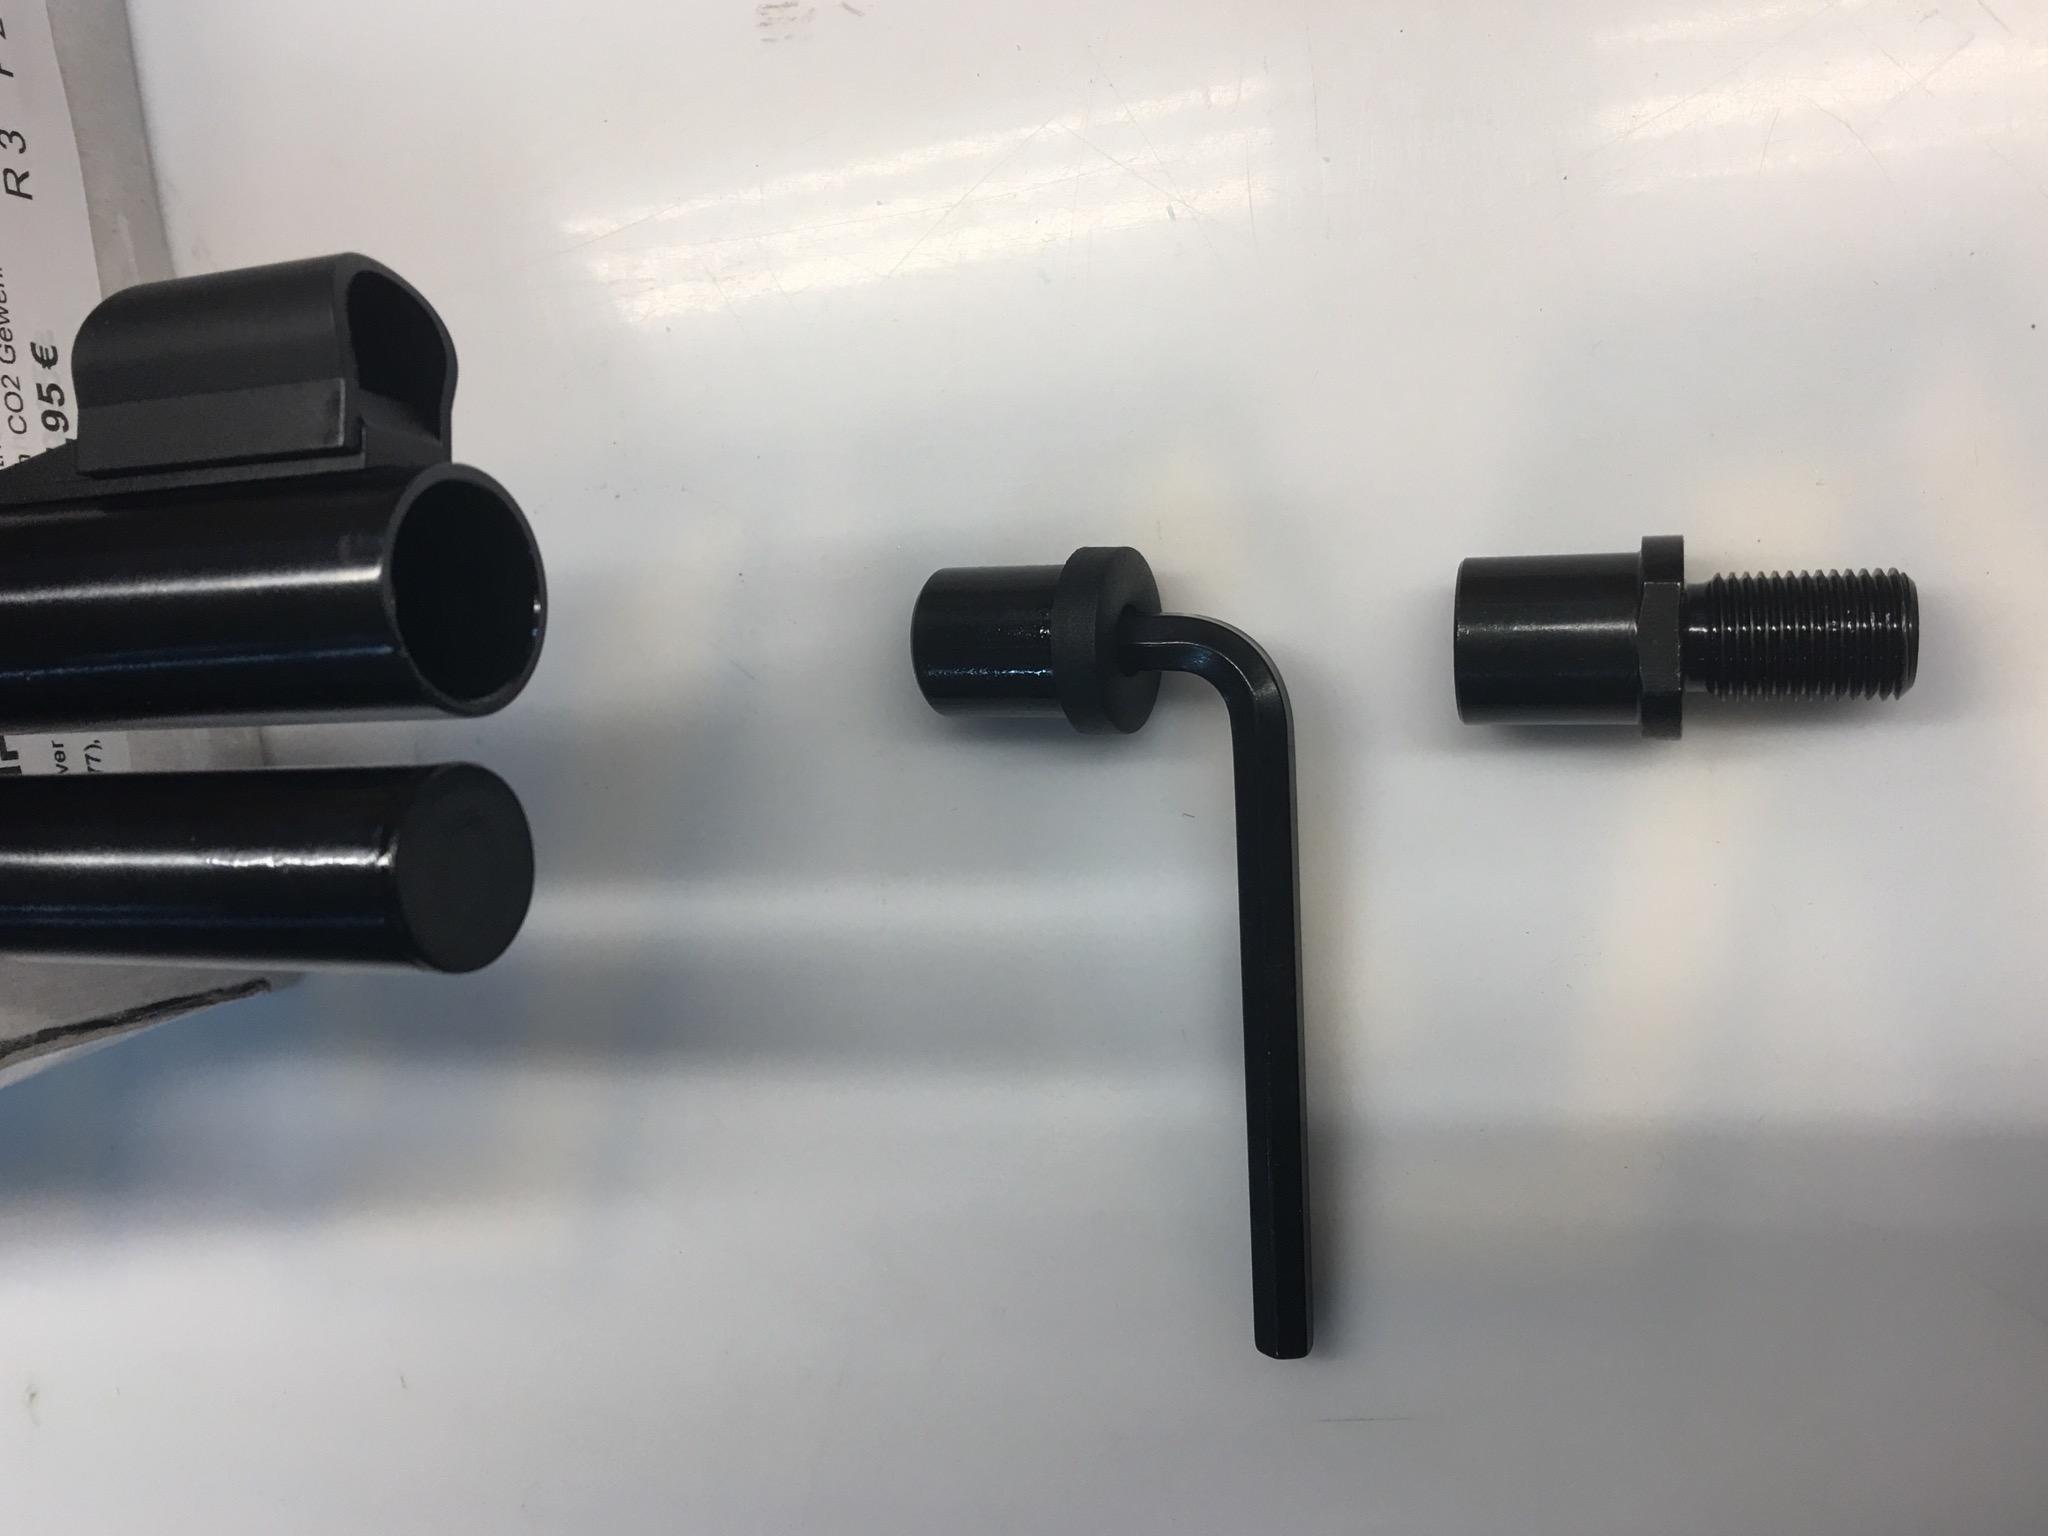 Vor dem Einbau muss eine Mündungsmutter an der Mündung mittels 6er Inbusschlüssel vom Lauf entfernt werden.